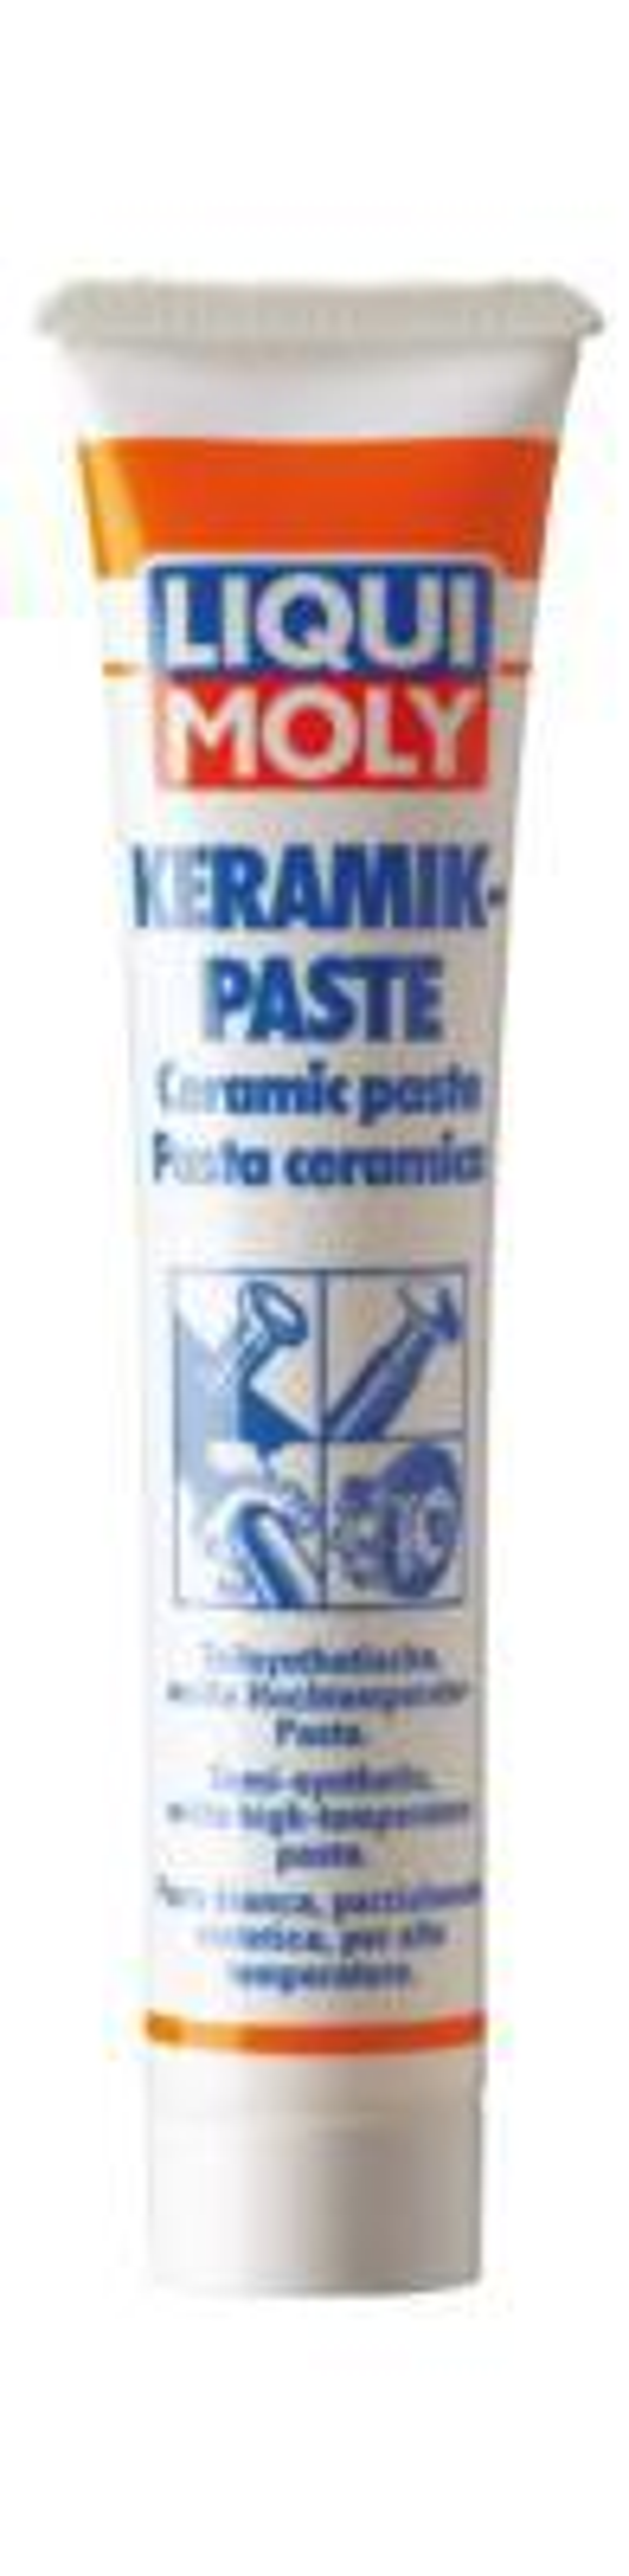 Паста керамическая Keramik-Paste (0,05кг)